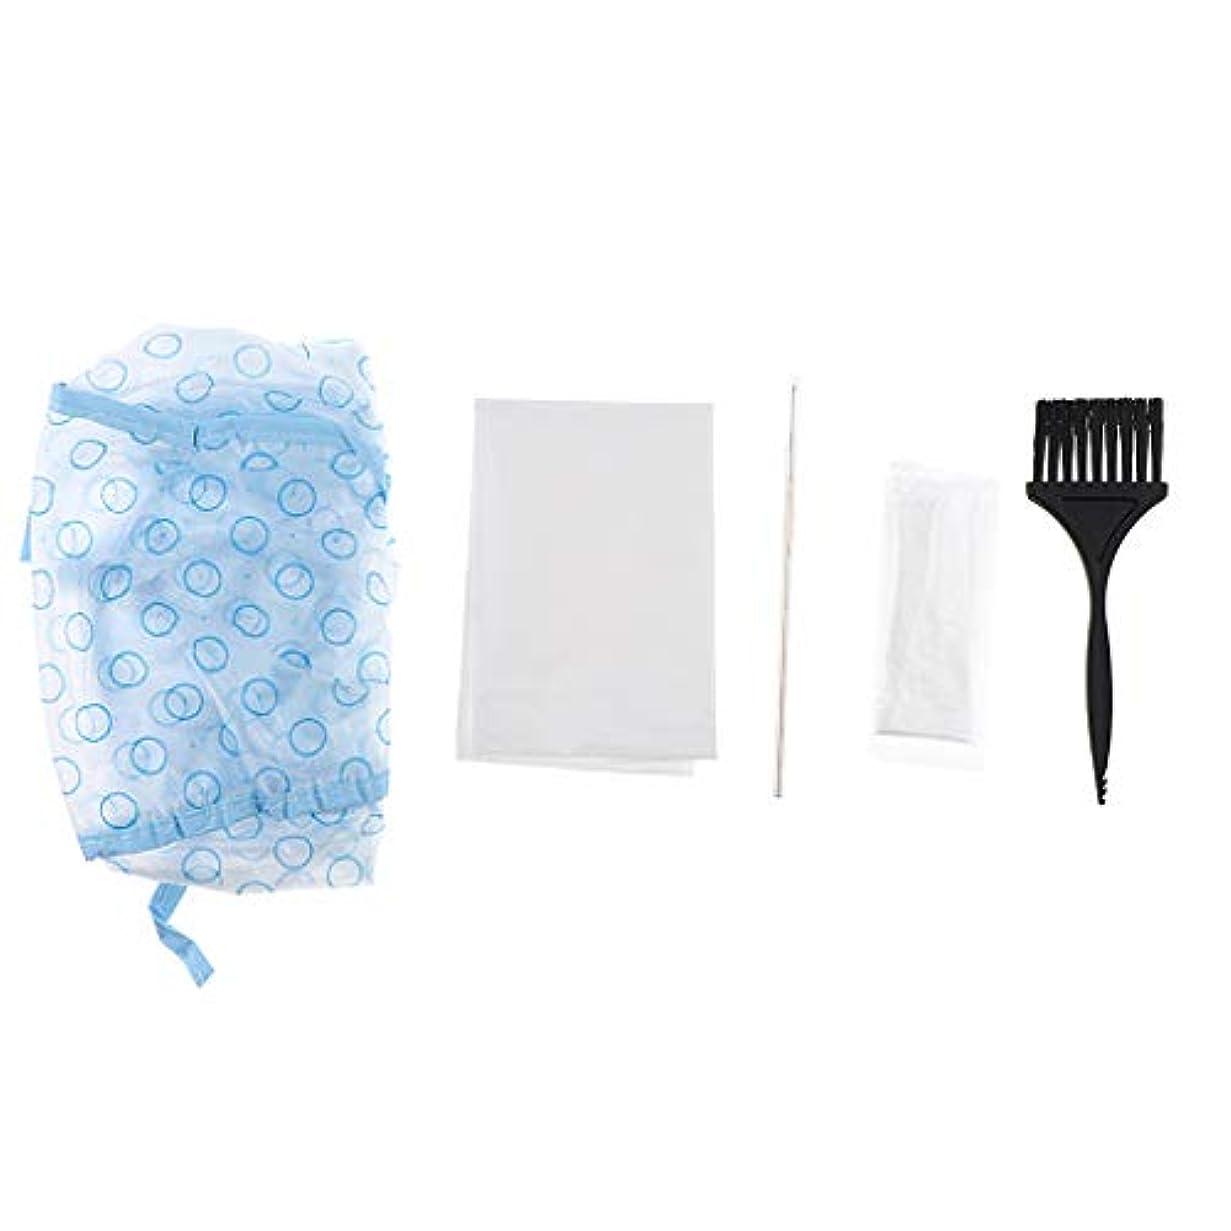 特異性ハイジャック驚くばかり髪染めブラシ キャップ フック針 手袋 ヘア染めツールキット 5個セット